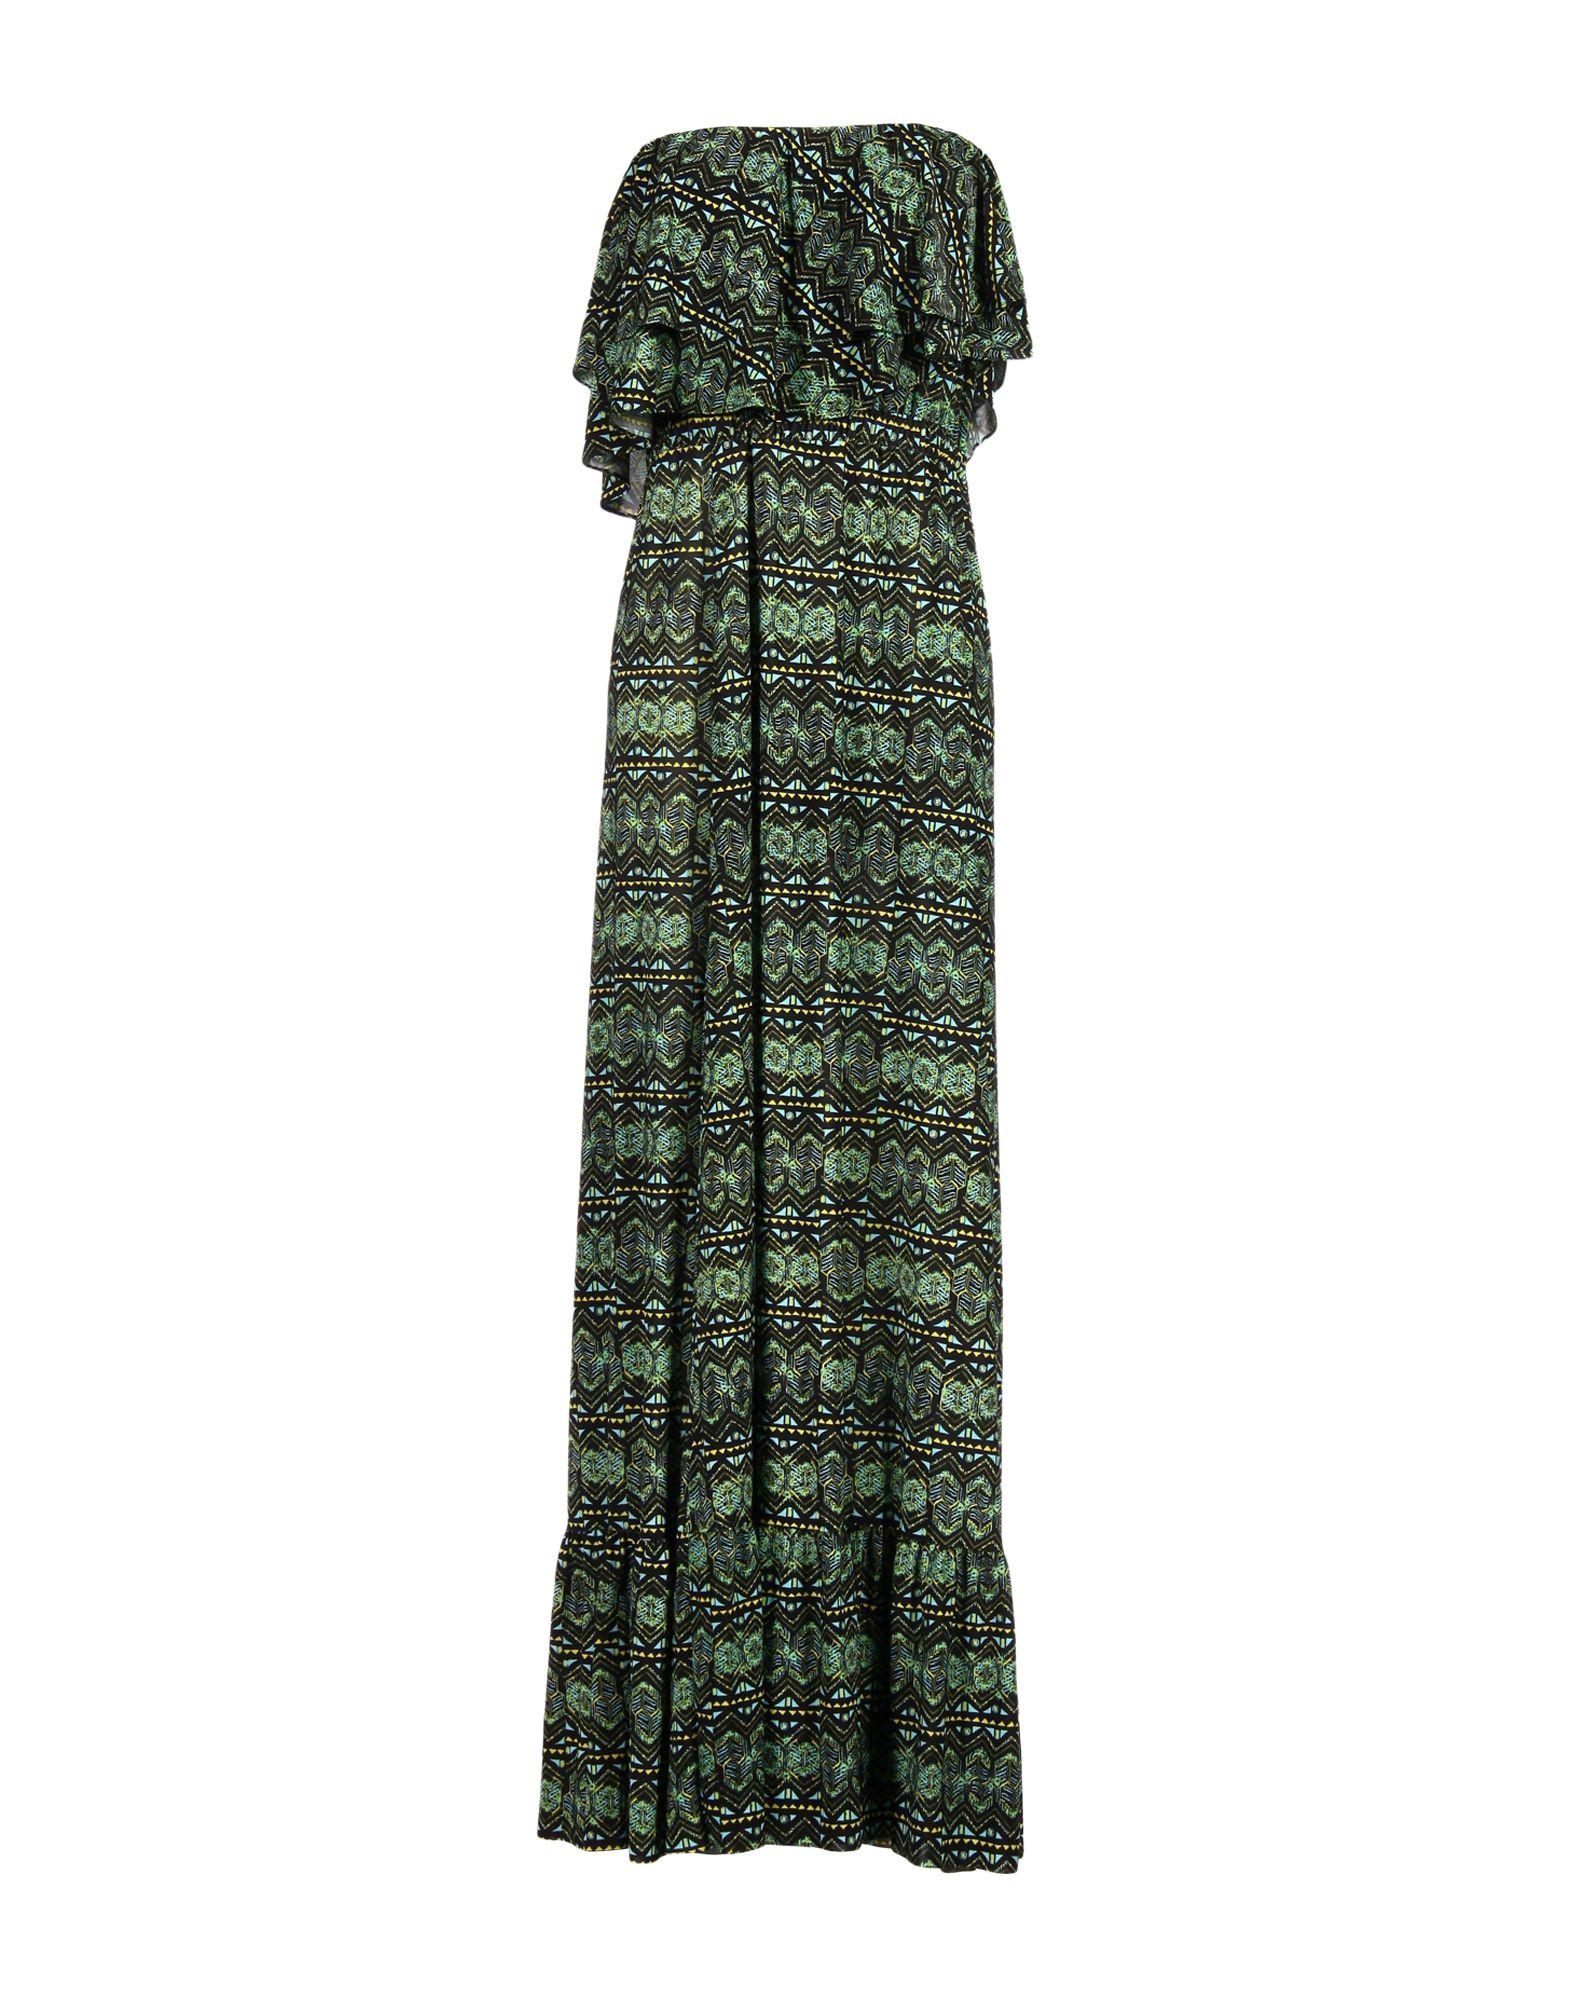 TBAGSLOSANGELES Long Dress in Green